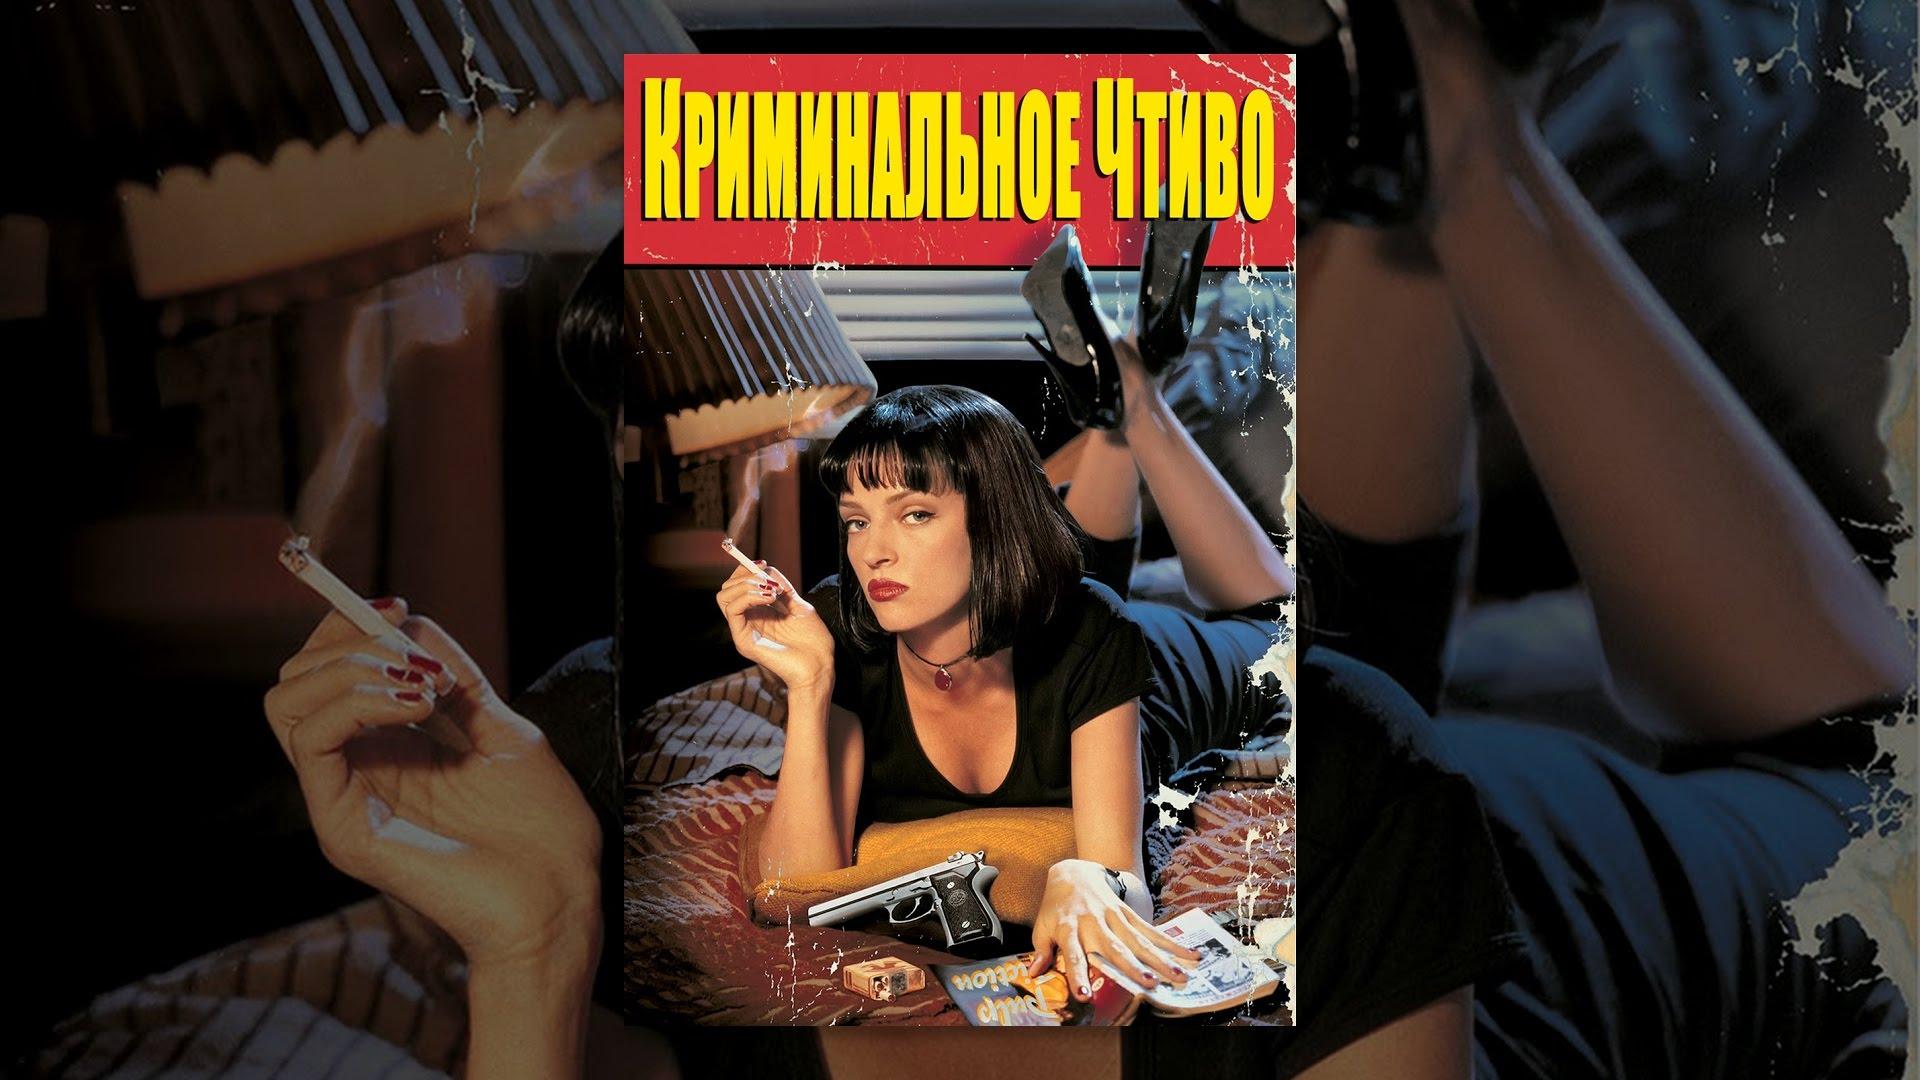 Порно пародия на фильм криминальное чтиво смотреть онлайн